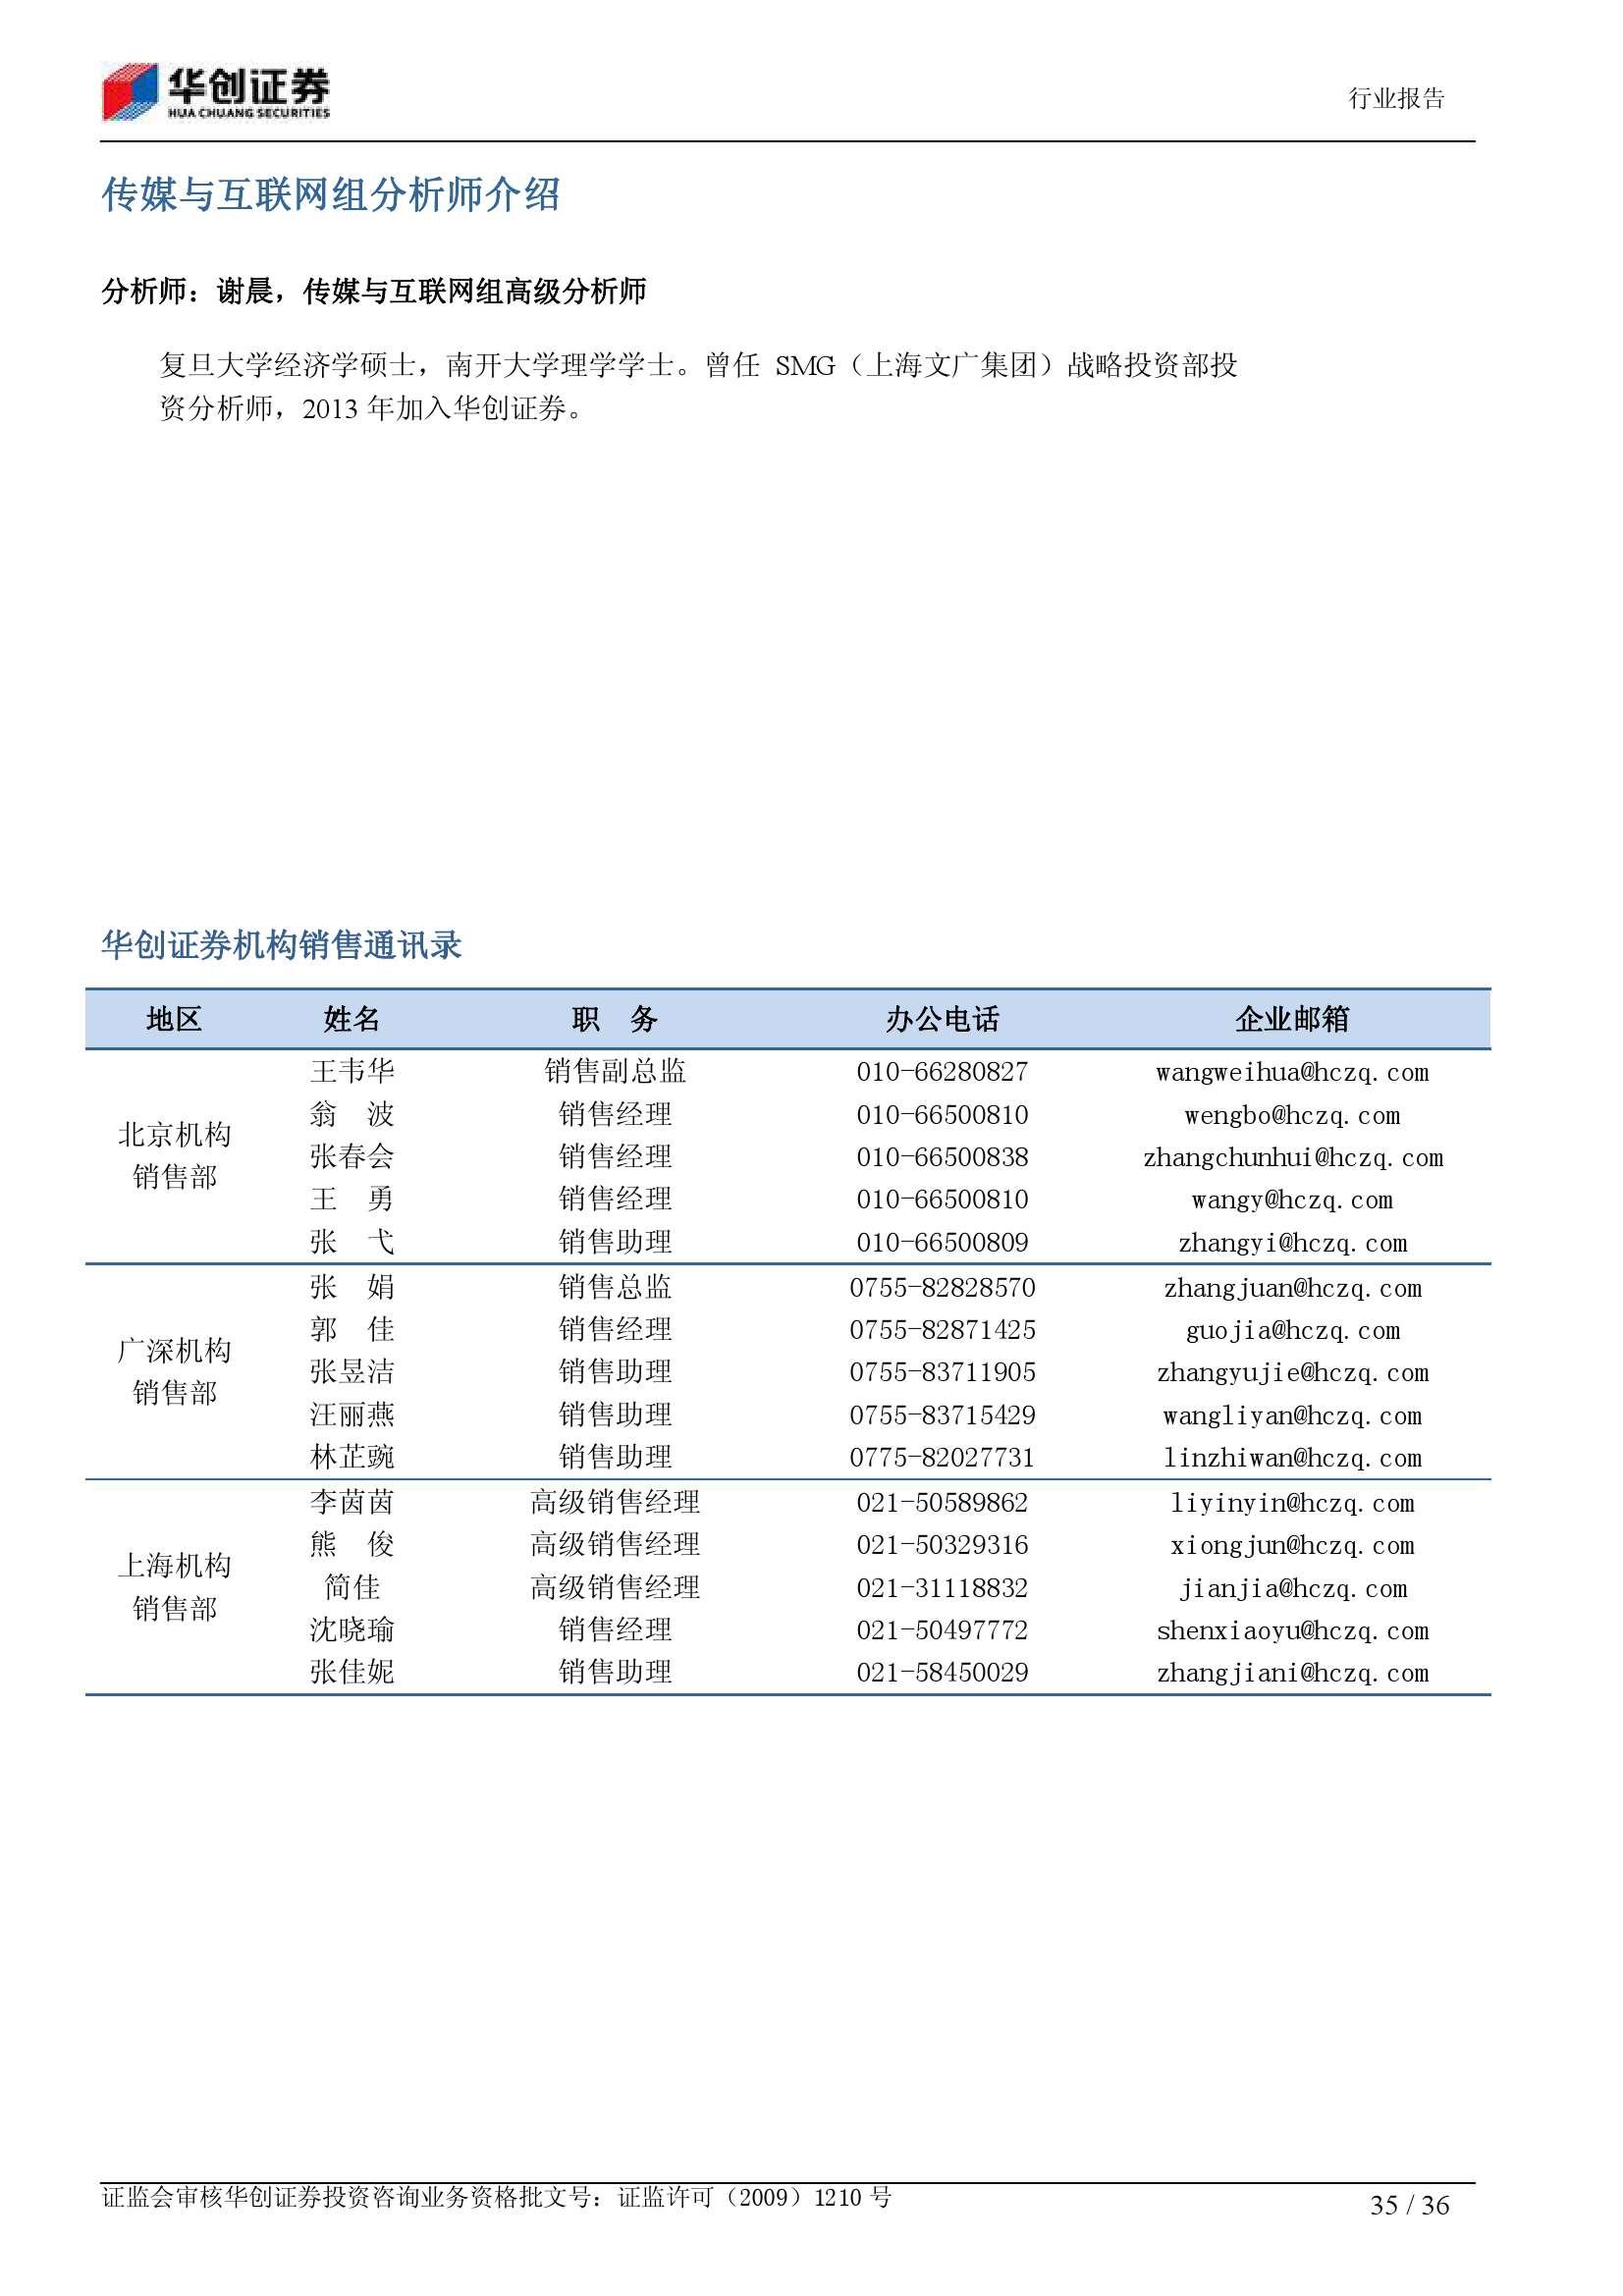 电子竞技深度报告:从小众娱乐 到千亿产业_000035